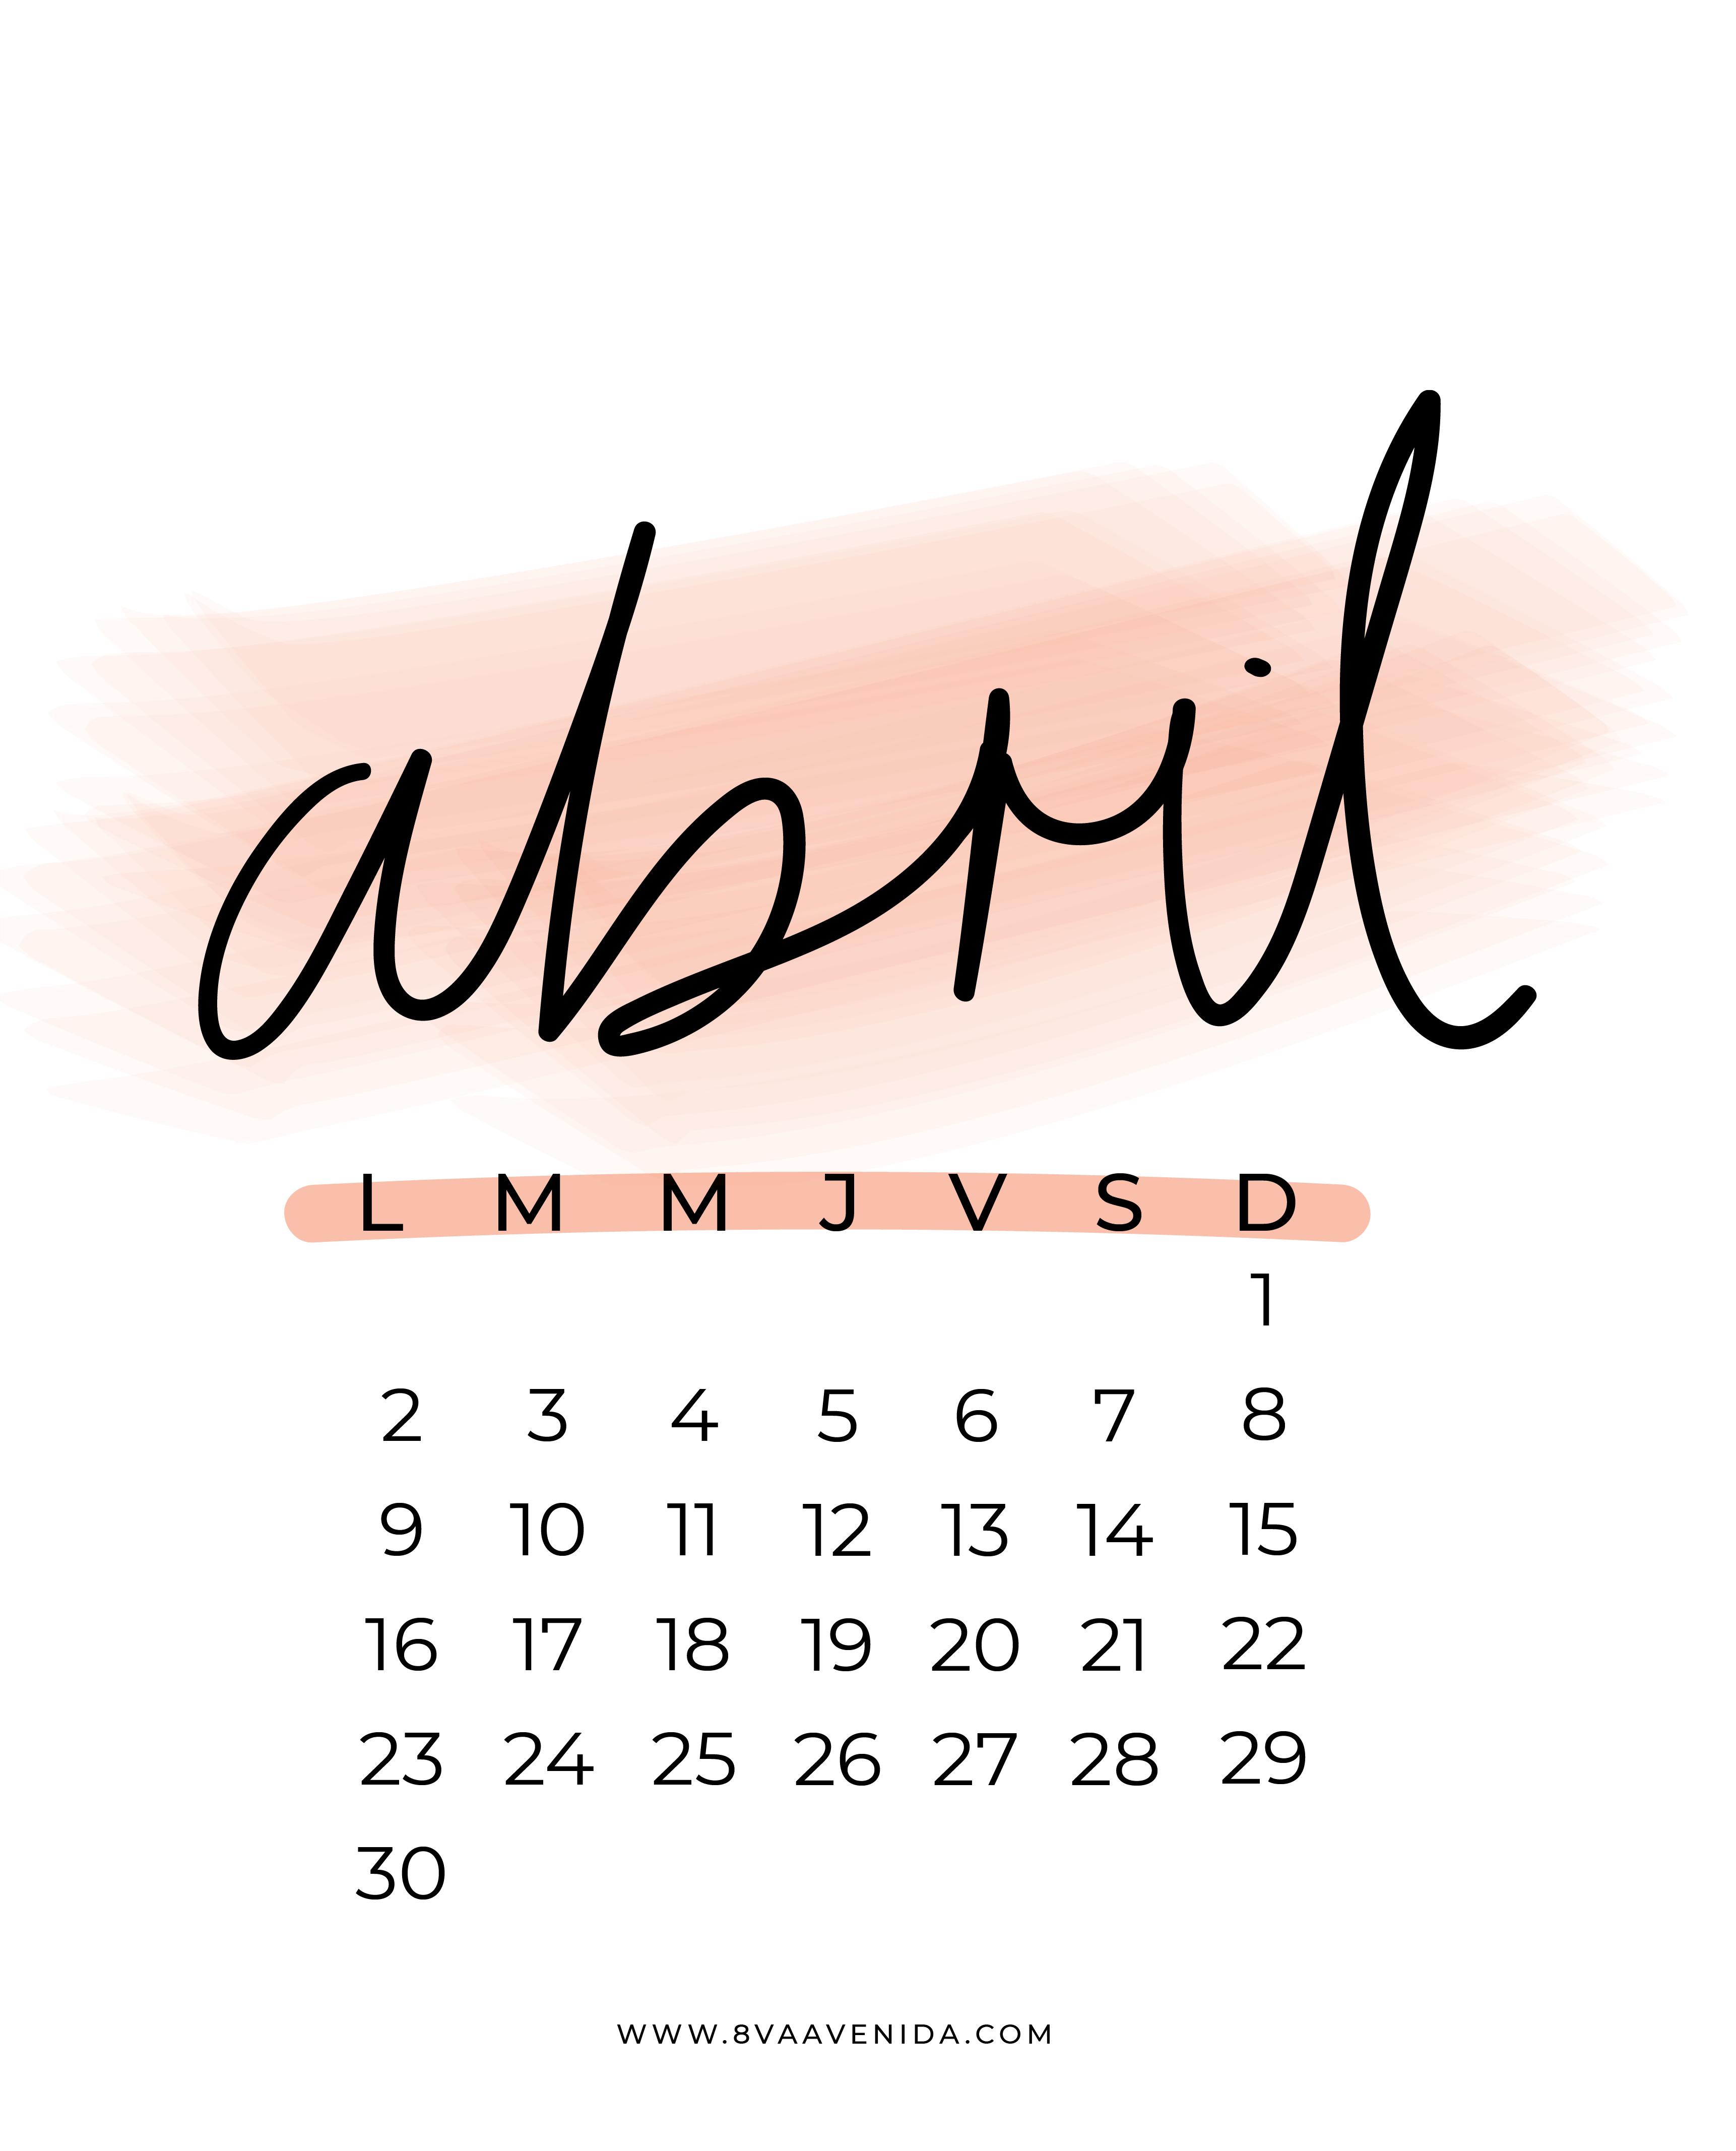 Fondos de pantalla abril 2018 8va avenida for Fondo de pantalla calendario 2018